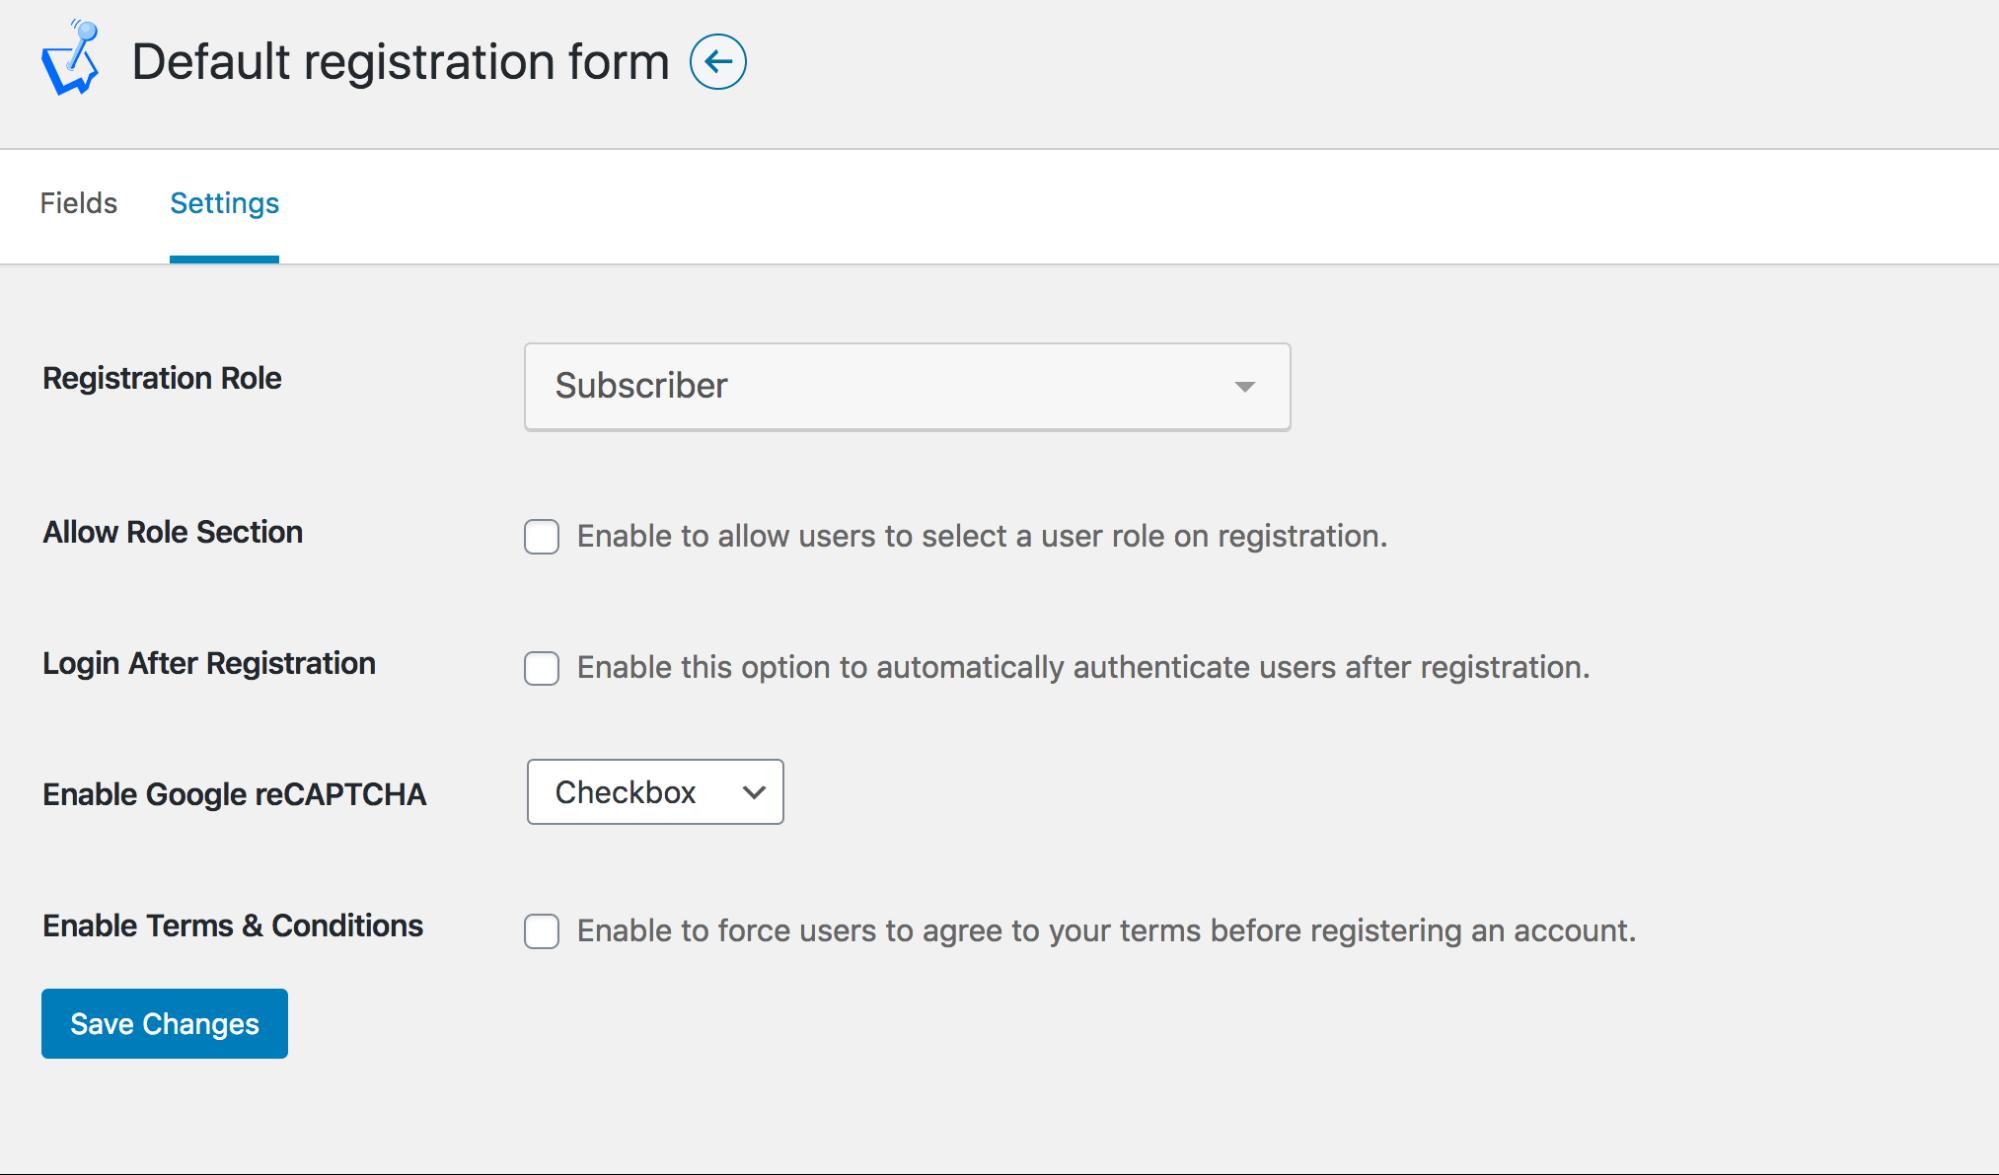 WP User Manager Default Registration form Settings